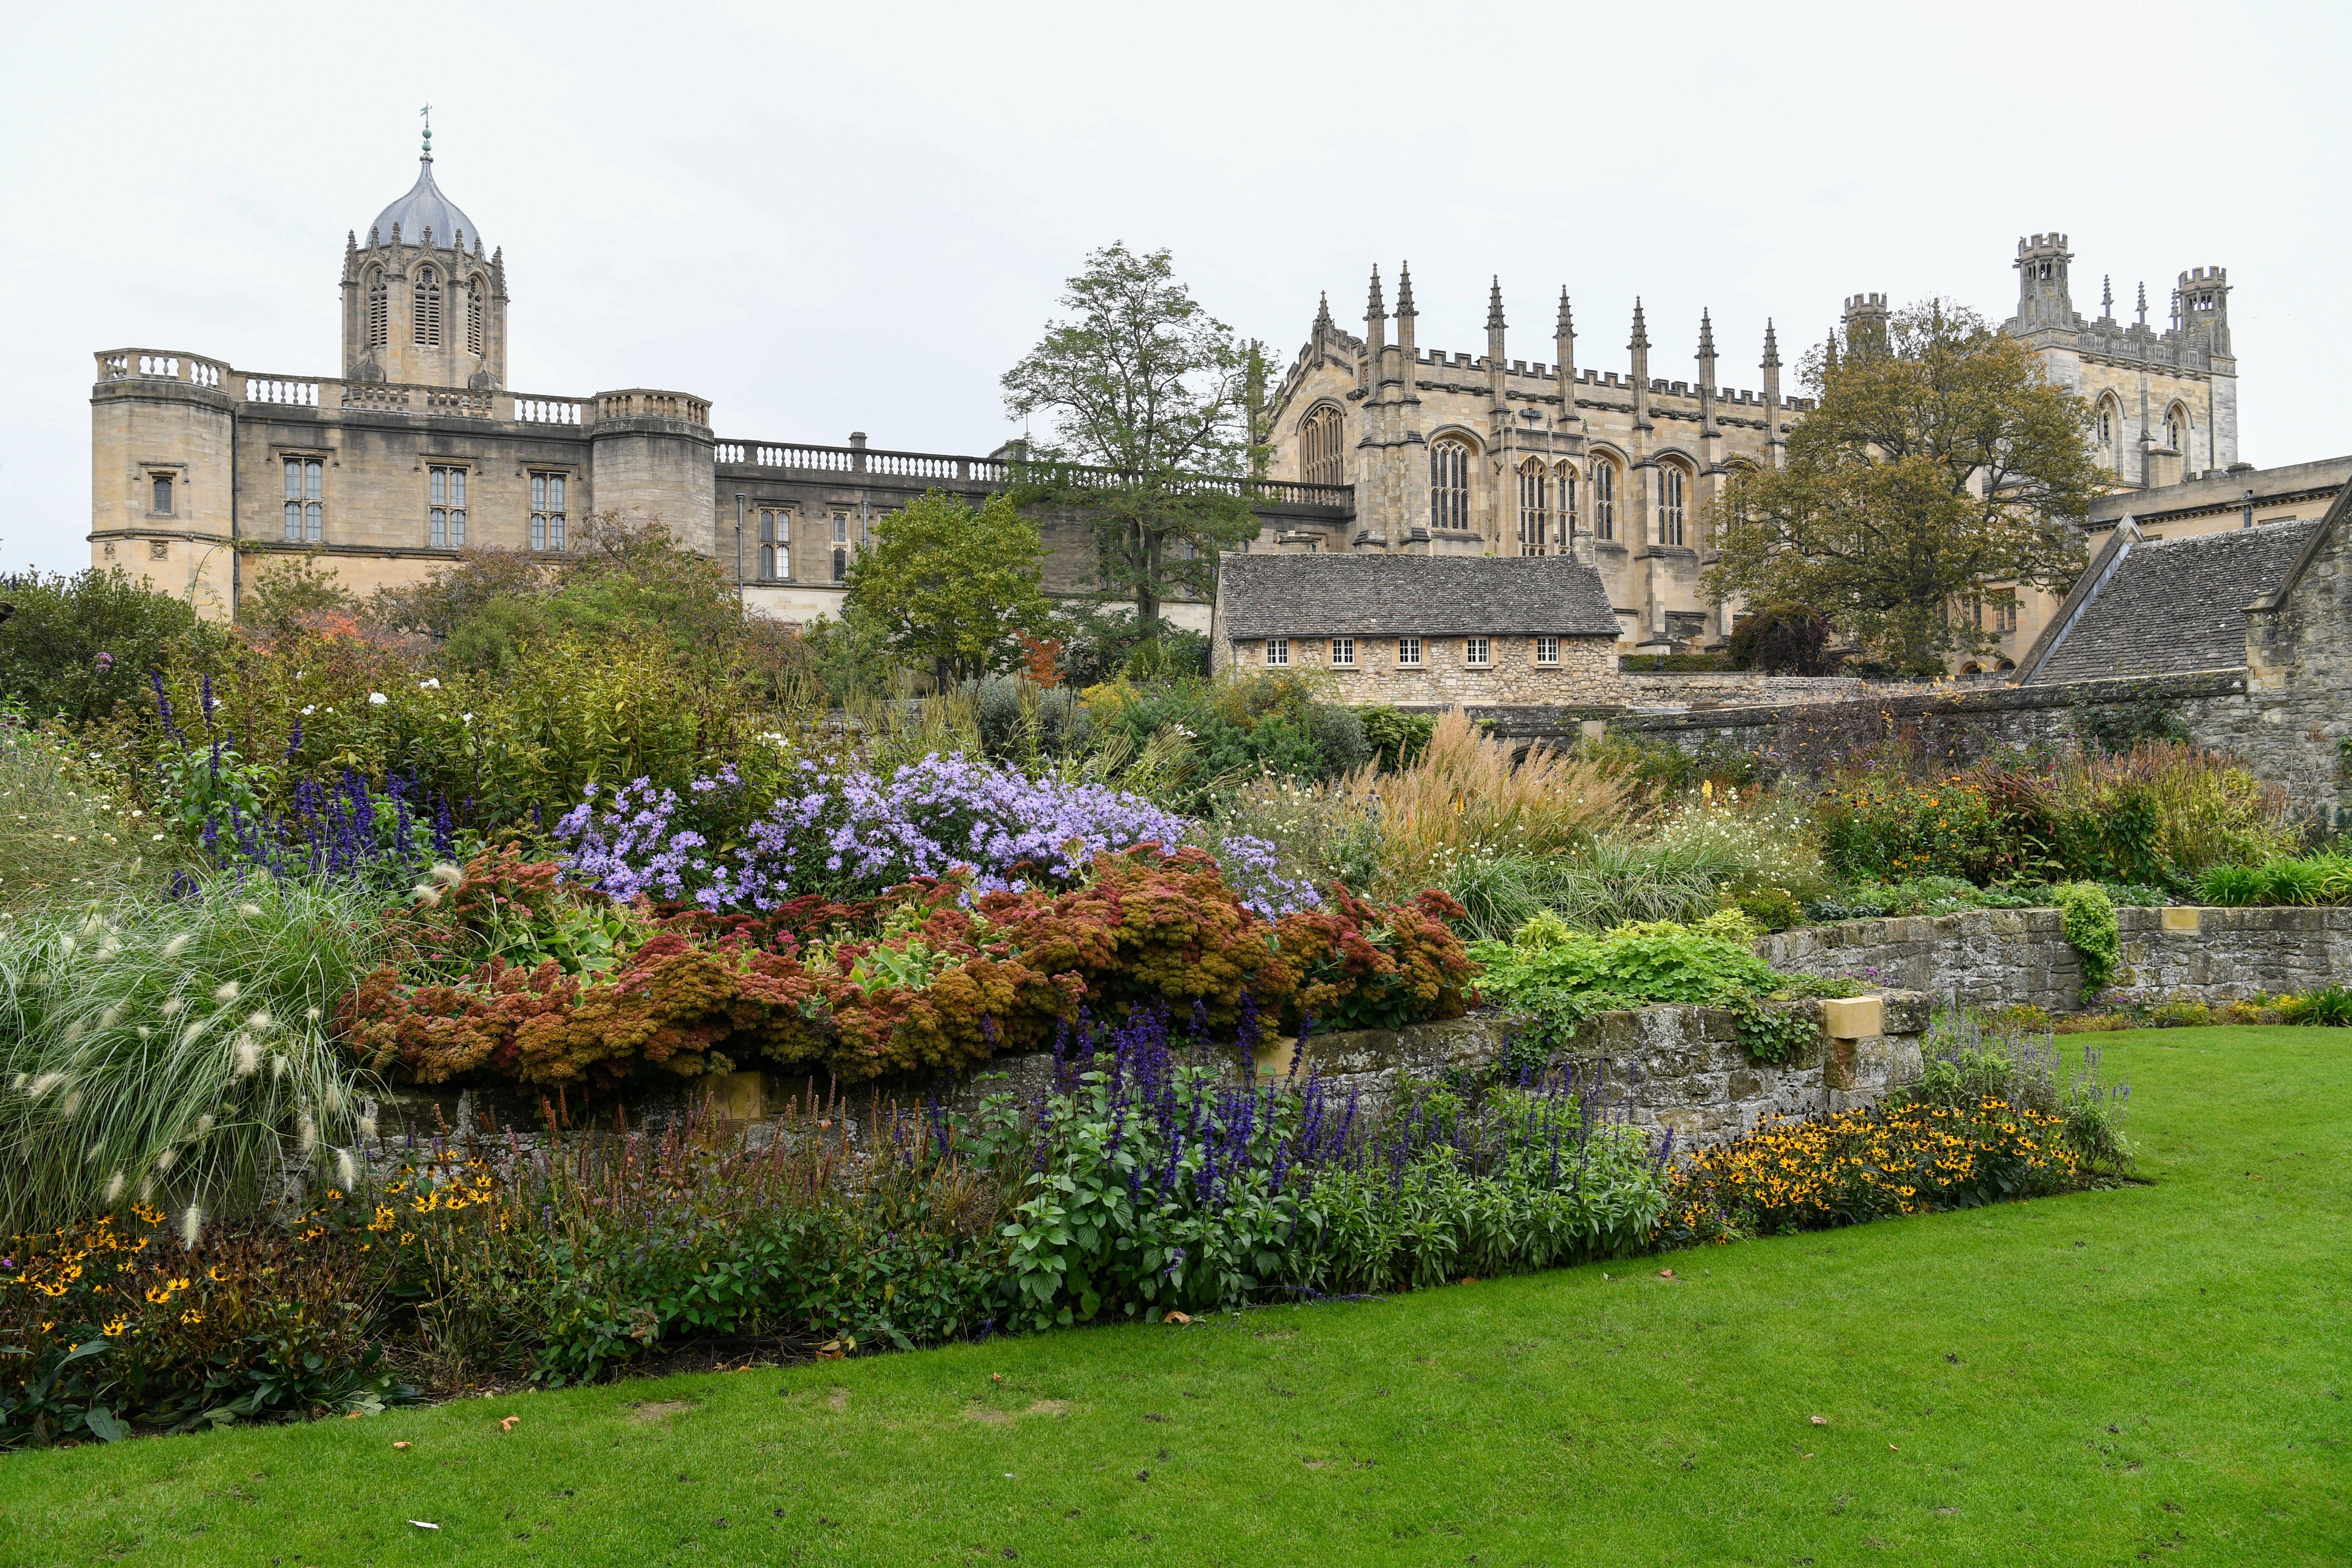 Los jardines que rodean el Christ Church College de la Universidad de Oxford. El élder Quentin L. Cook, del Cuórum de los Doce Apóstoles, visita la Universidad de Oxford, en Oxford, Inglaterra, el 23 de octubre de 2019.